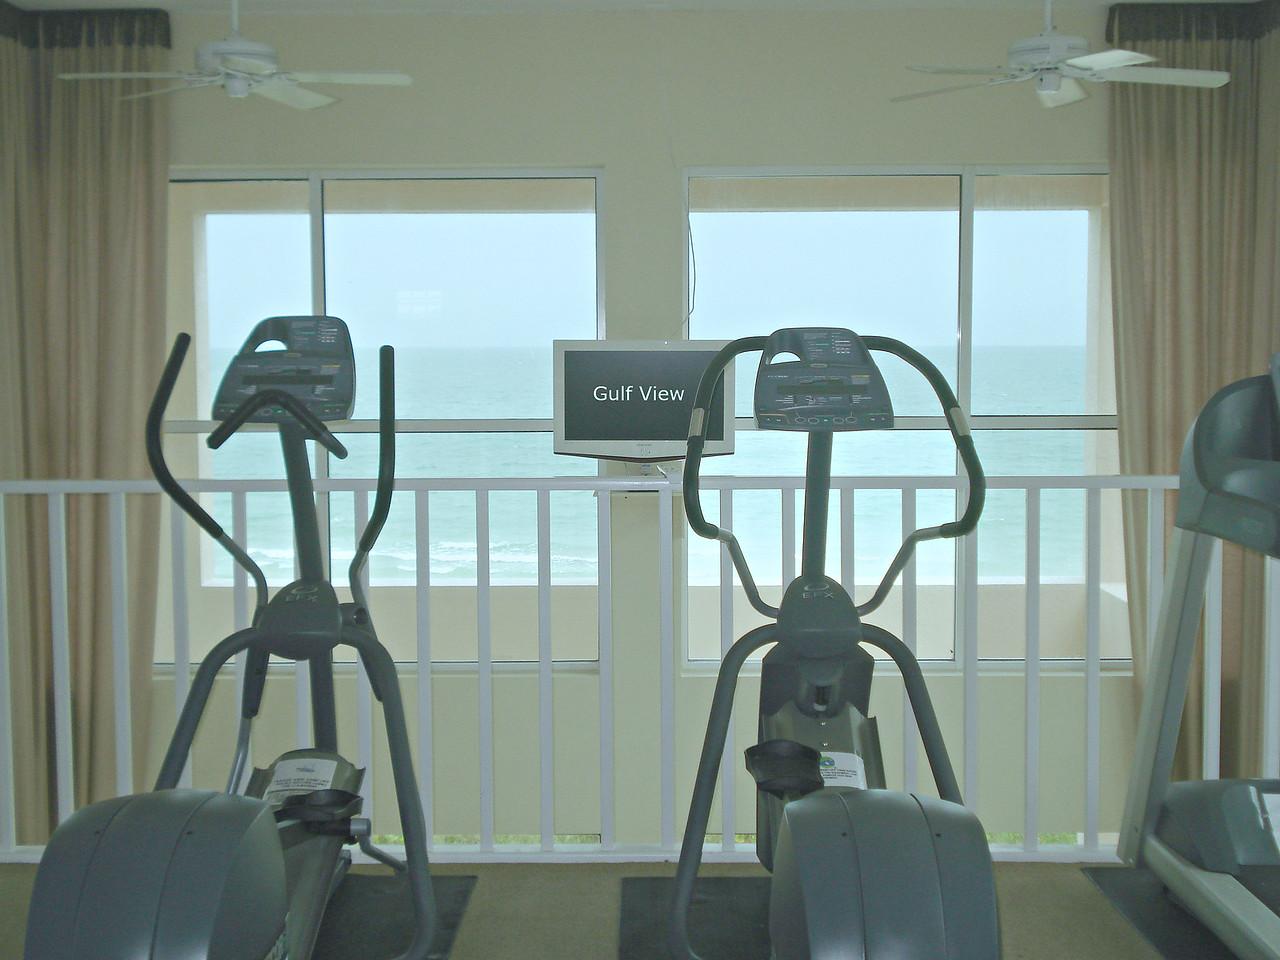 Exercise Bikes View